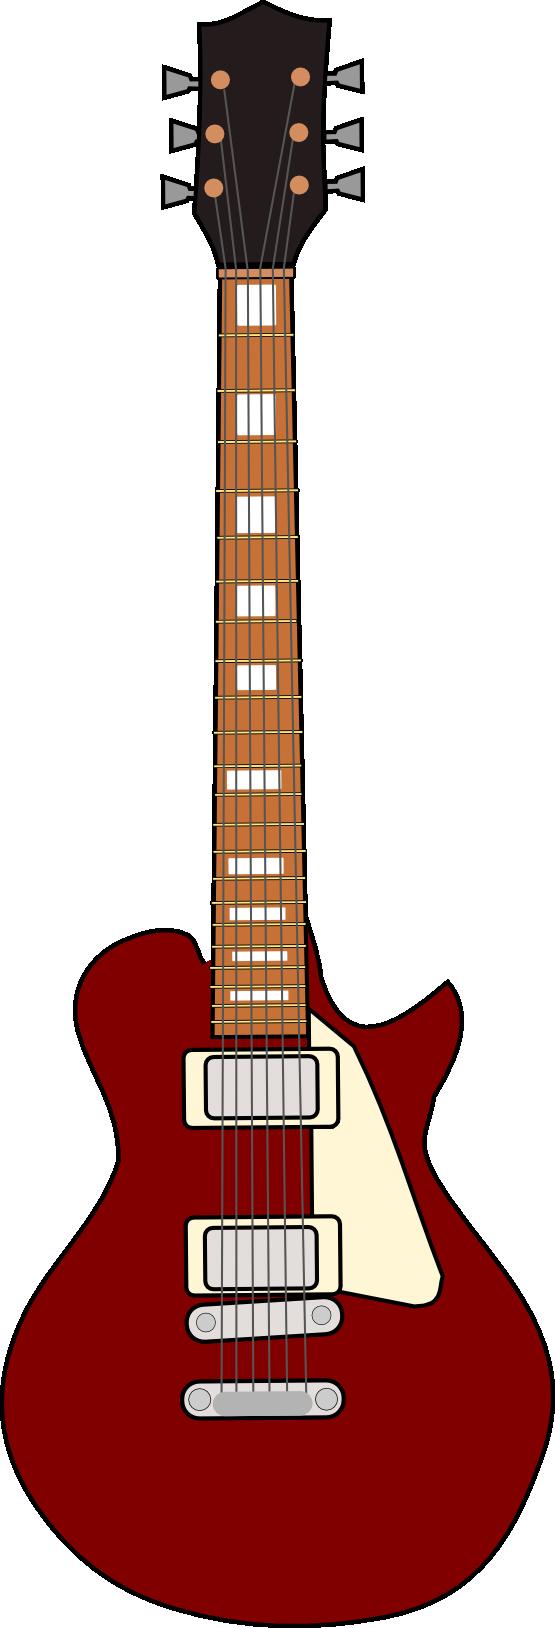 Green bass guitar clipart.